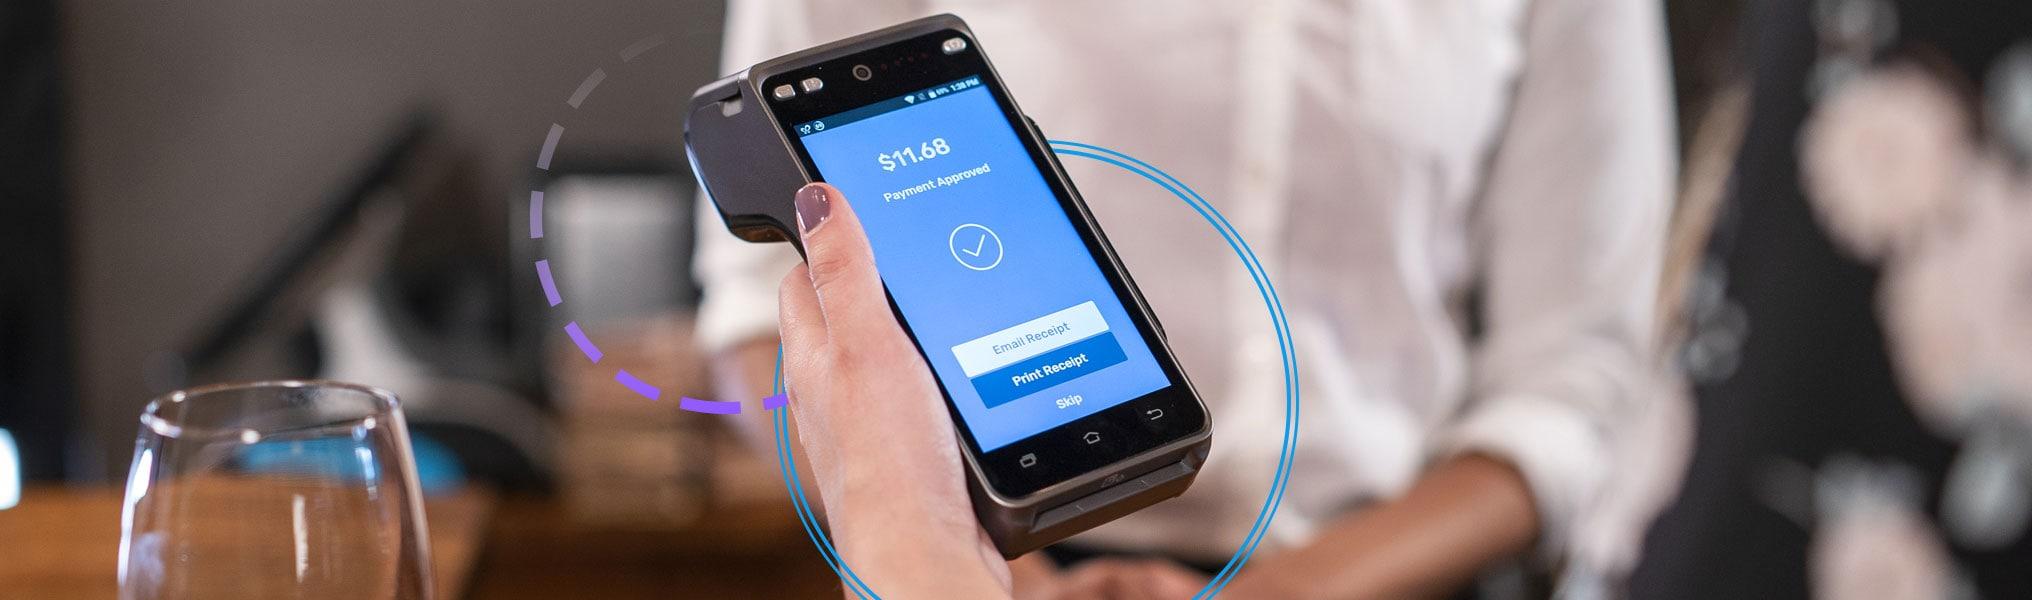 SkyTab handheld terminal taking payment